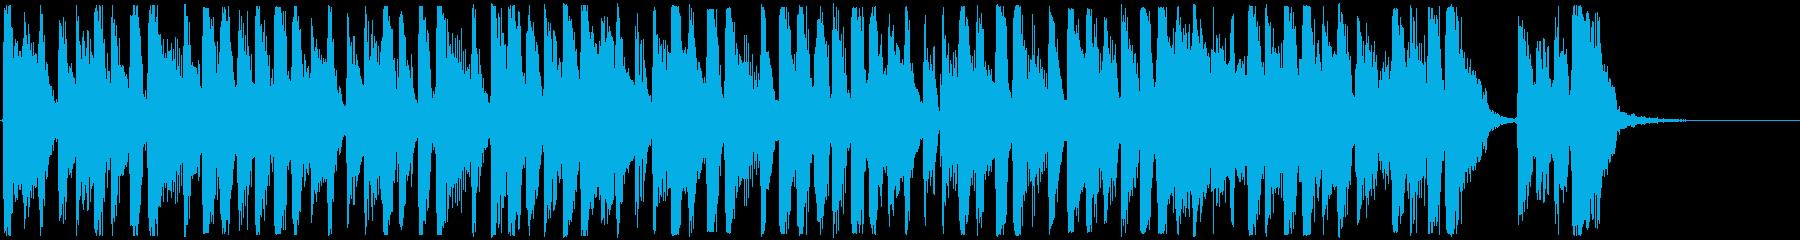 15秒のTVCMに。軽快なブラス系の再生済みの波形